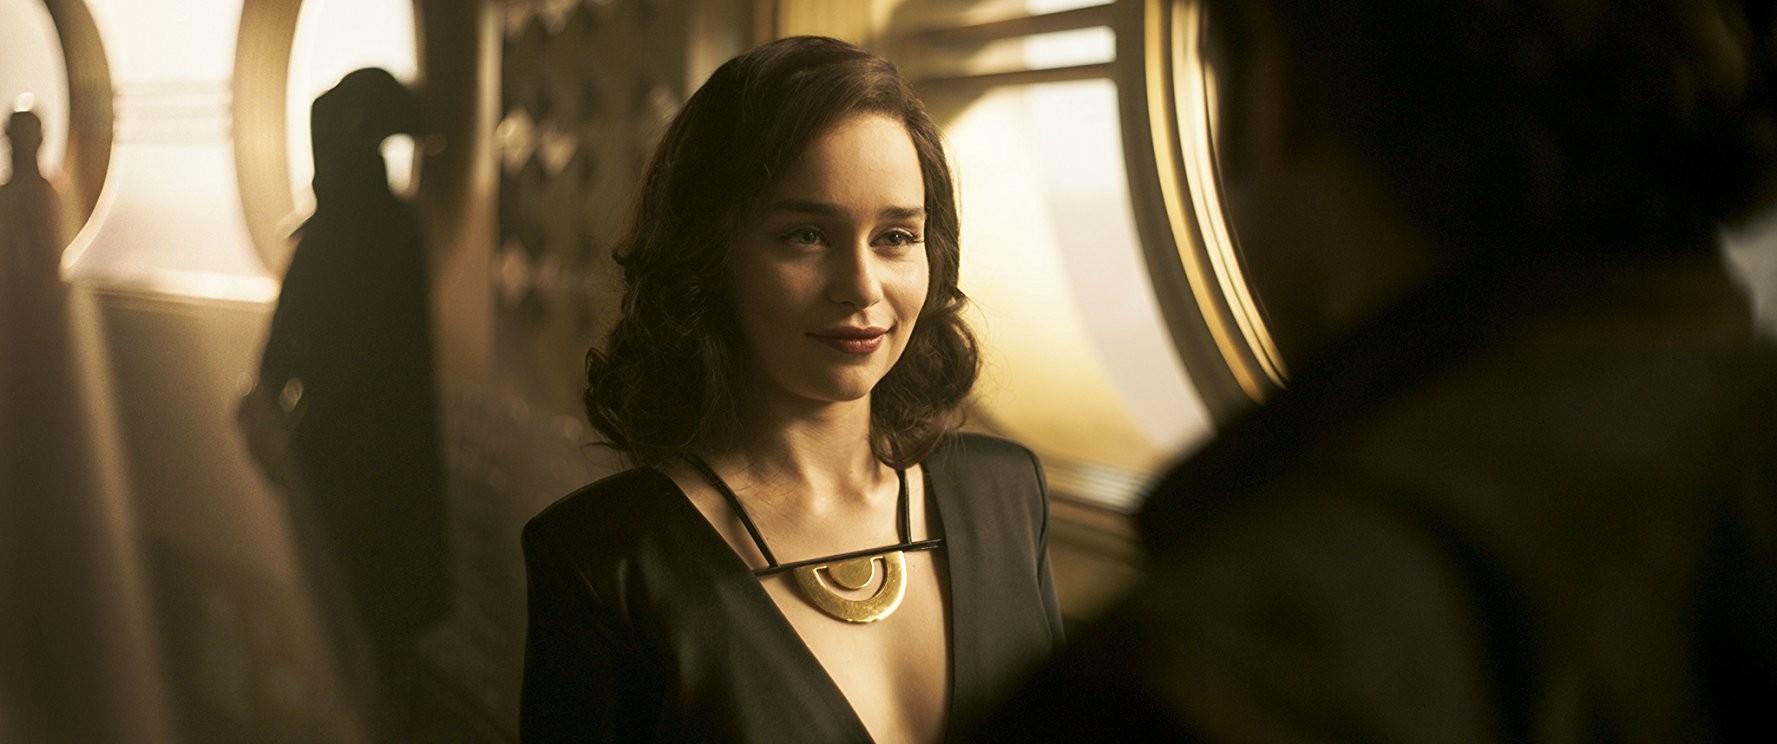 Emilia Clarke em Han Solo: Uma História Star Wars (Foto: Divulgação)